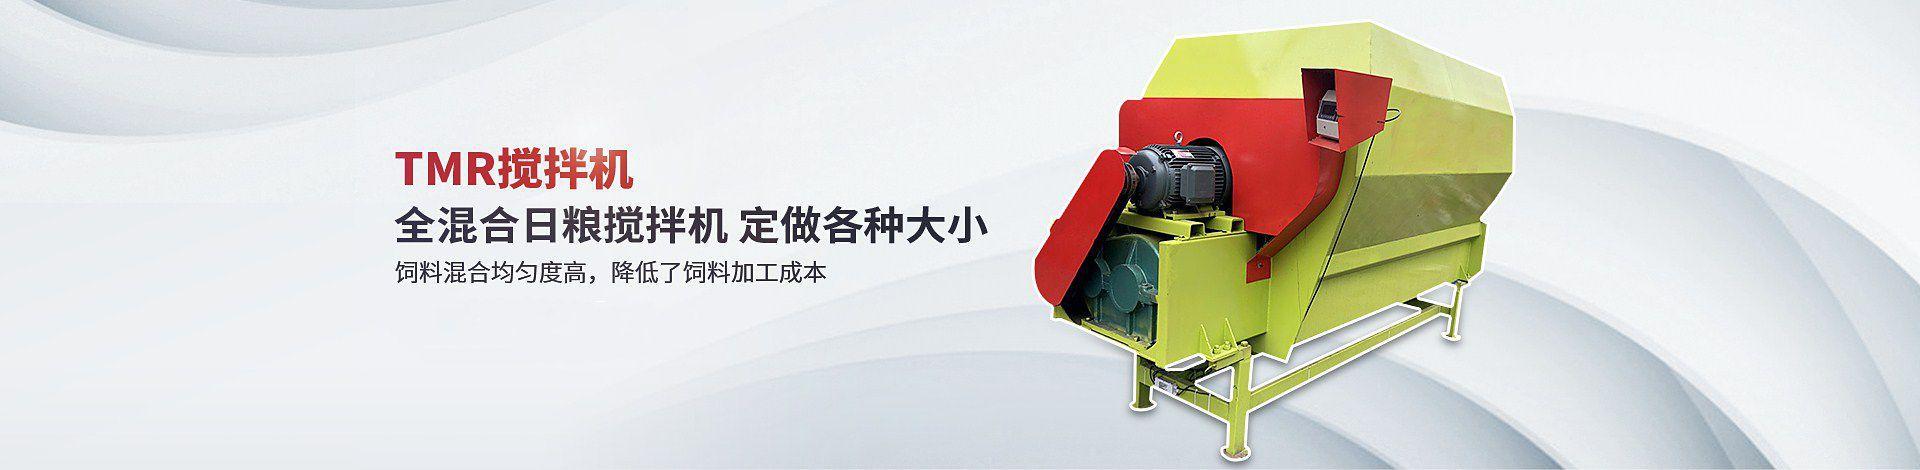 曲阜中泰机械有限公司